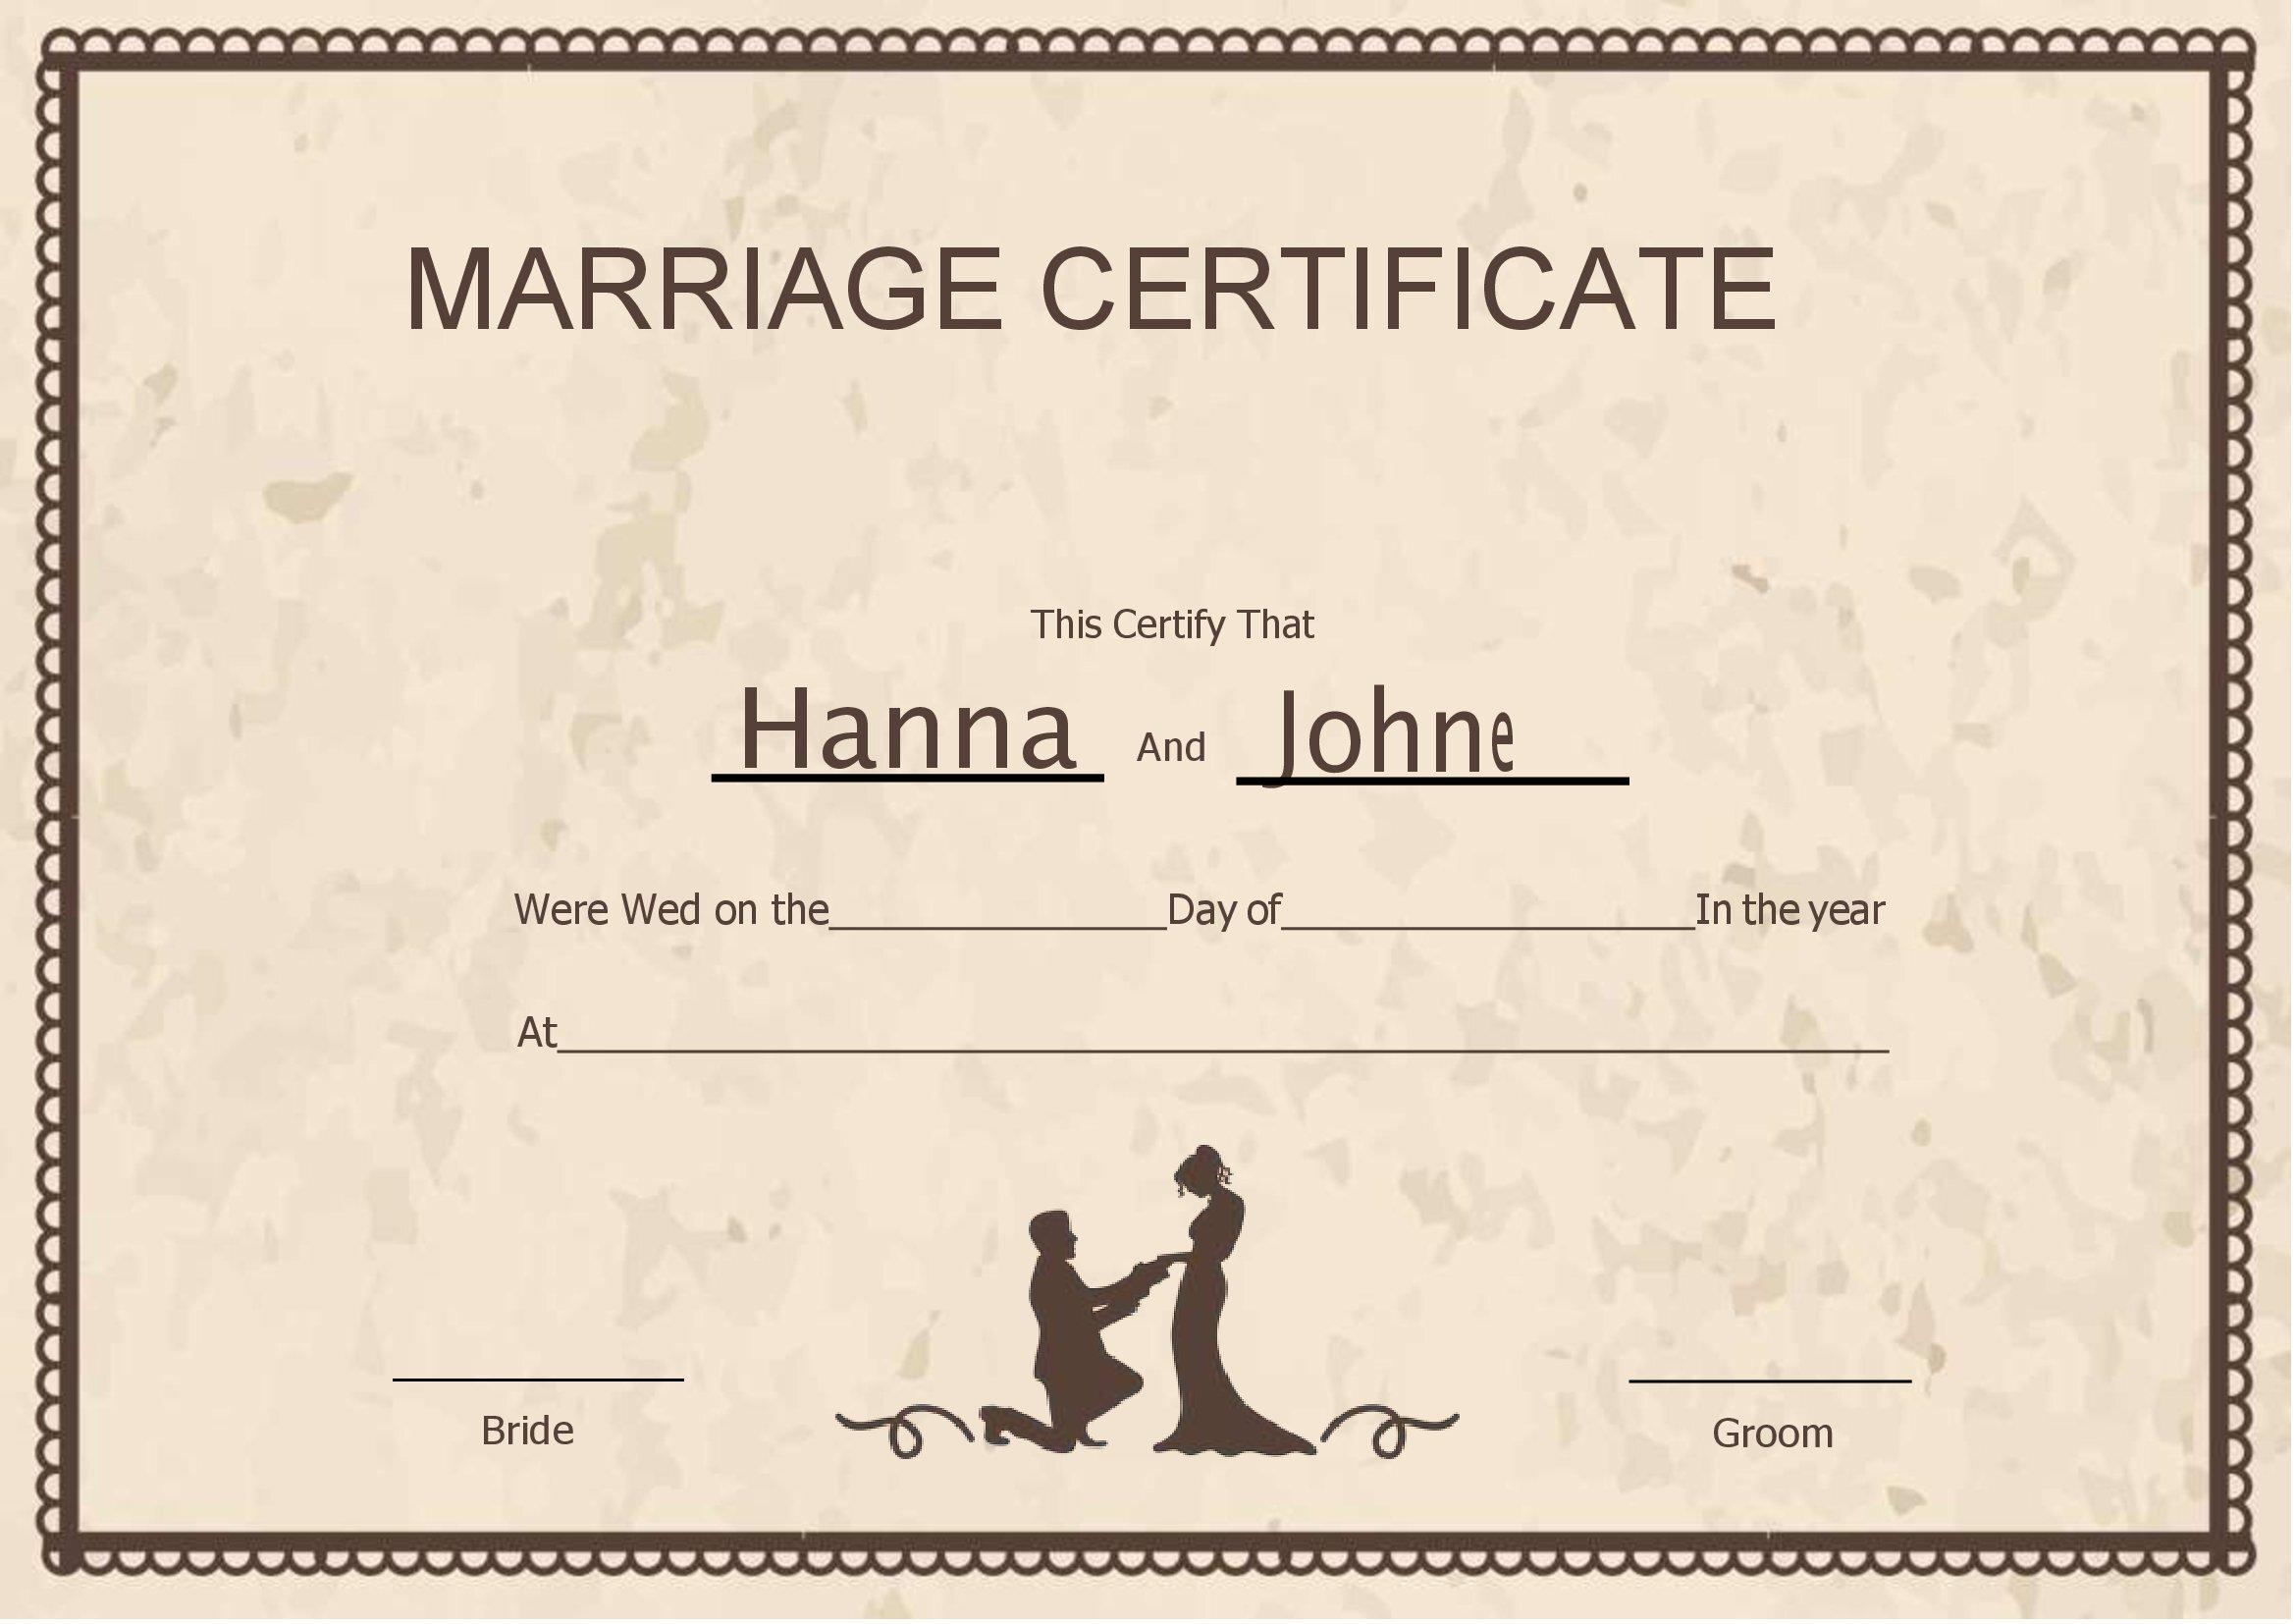 Certidão De Casamento No Word Em Branco